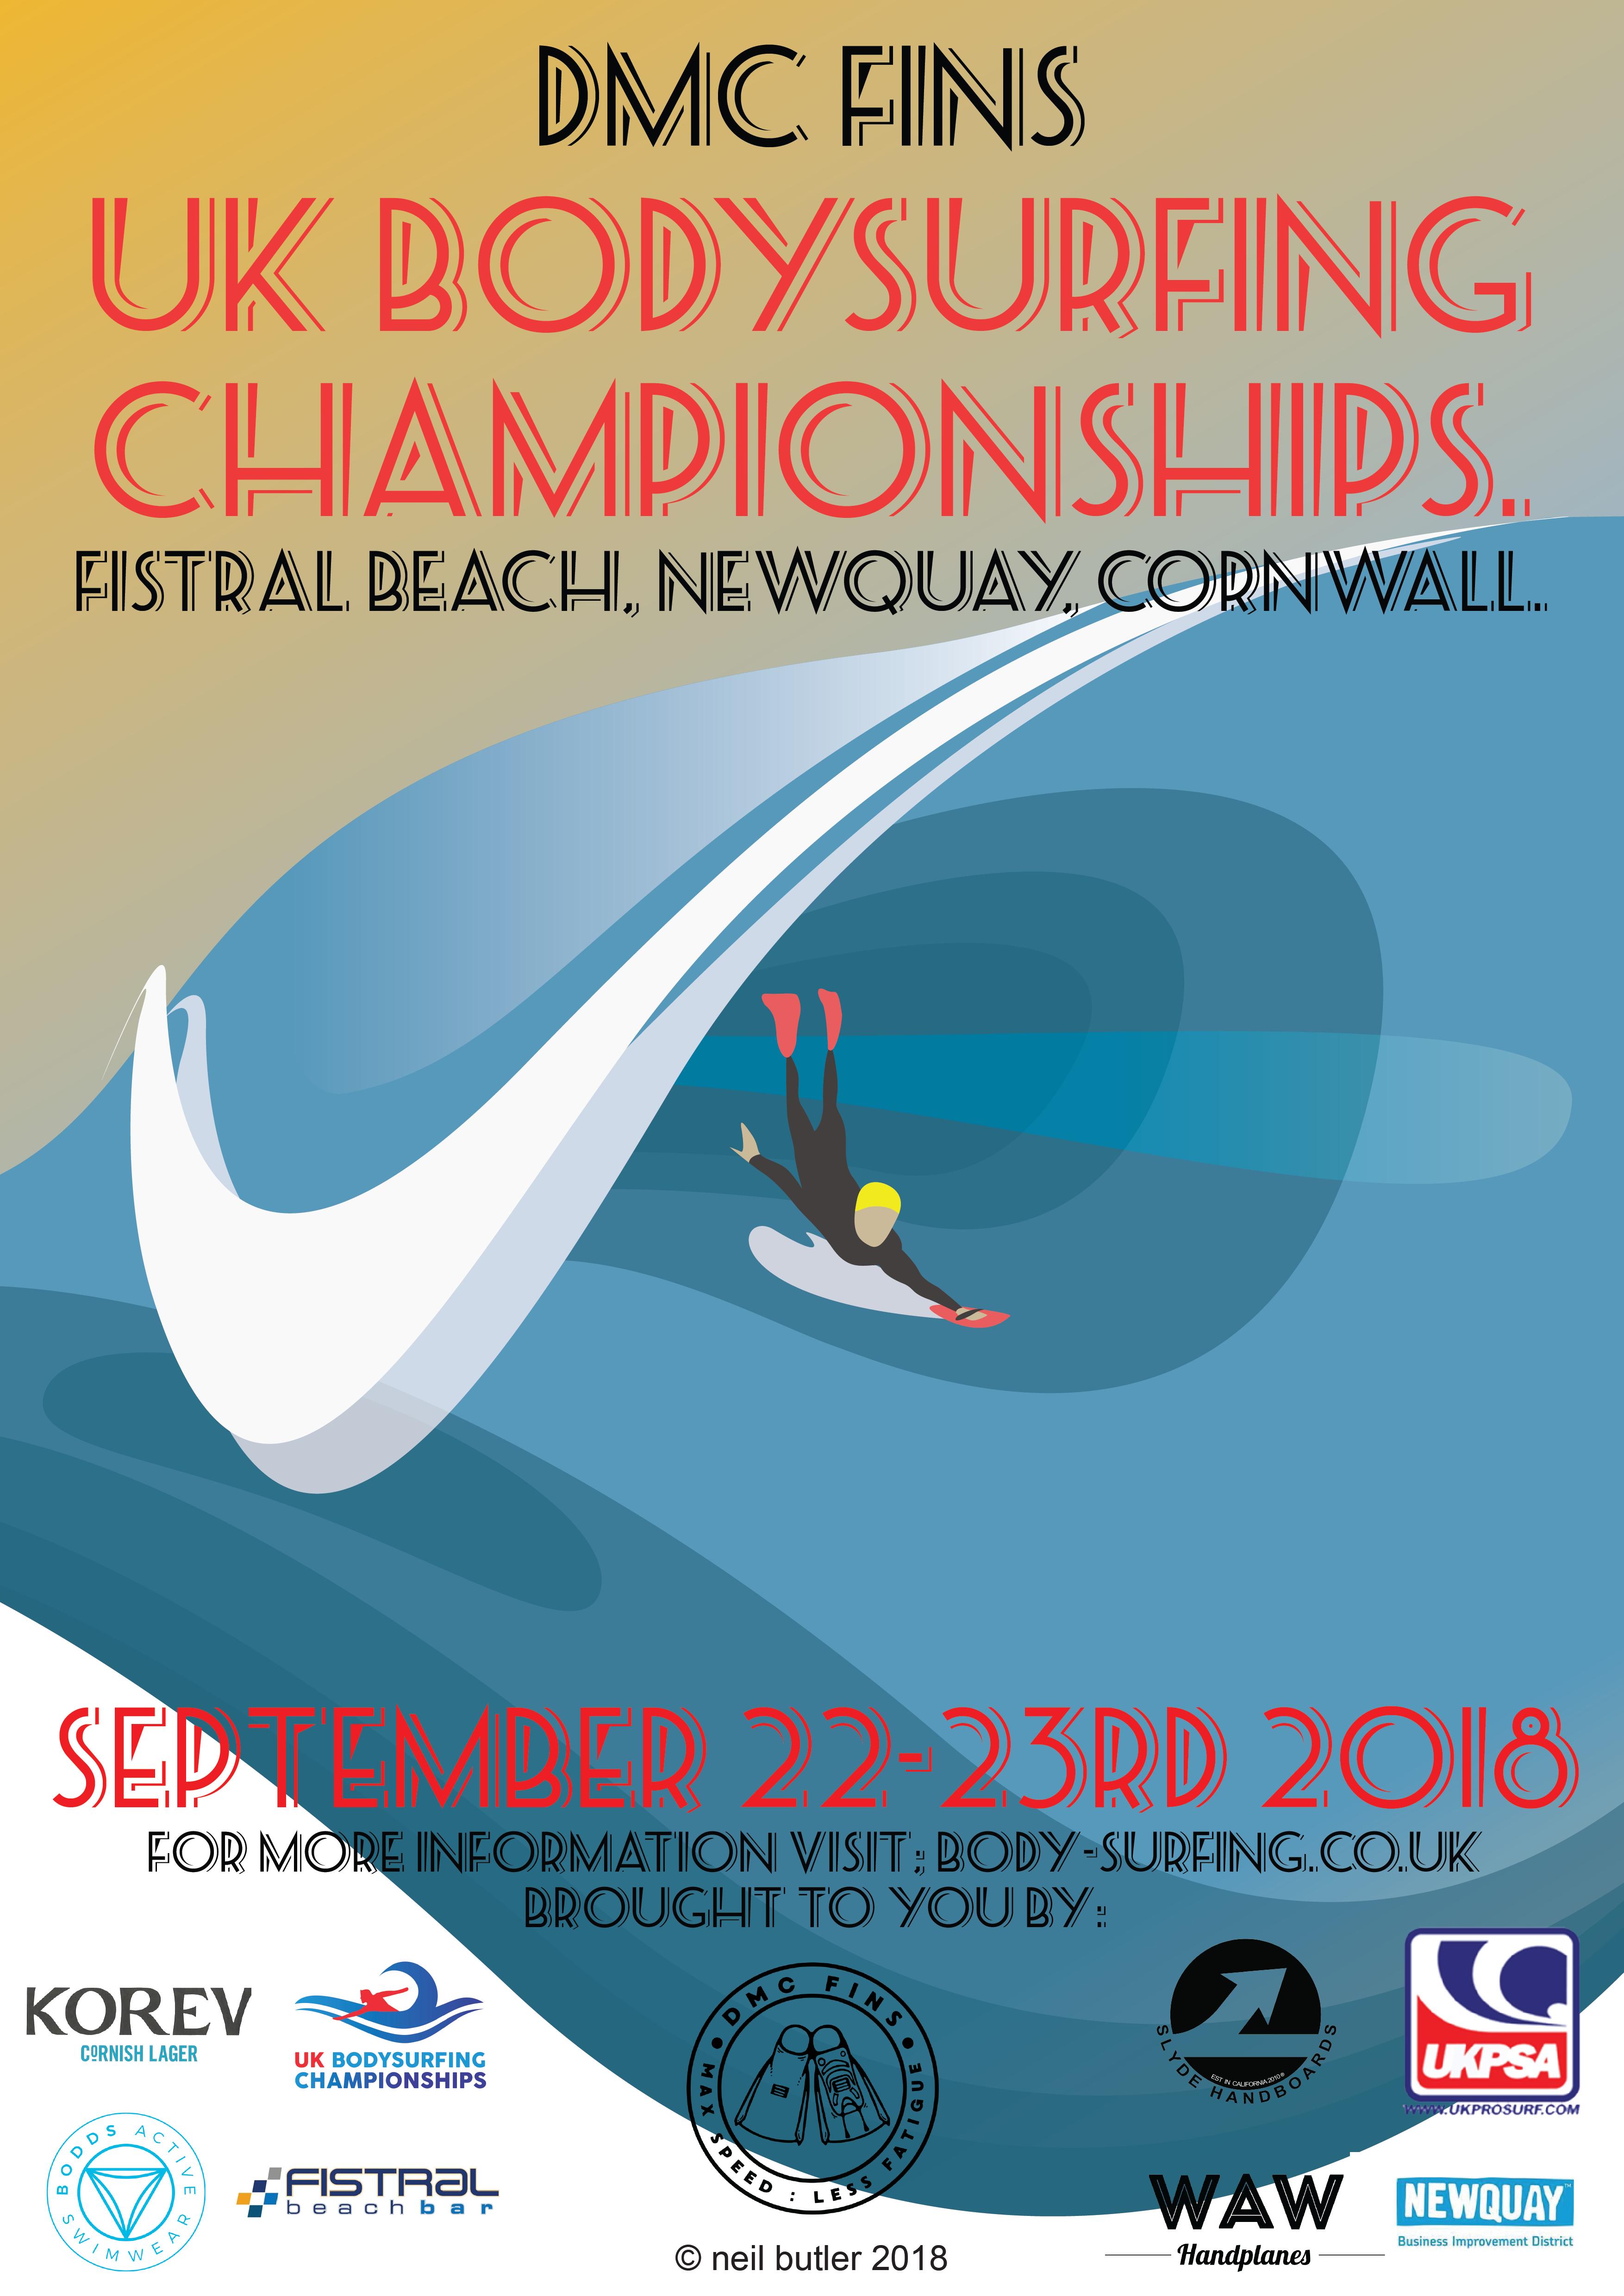 DMC Fins UK Bodysurfing Championships 2018